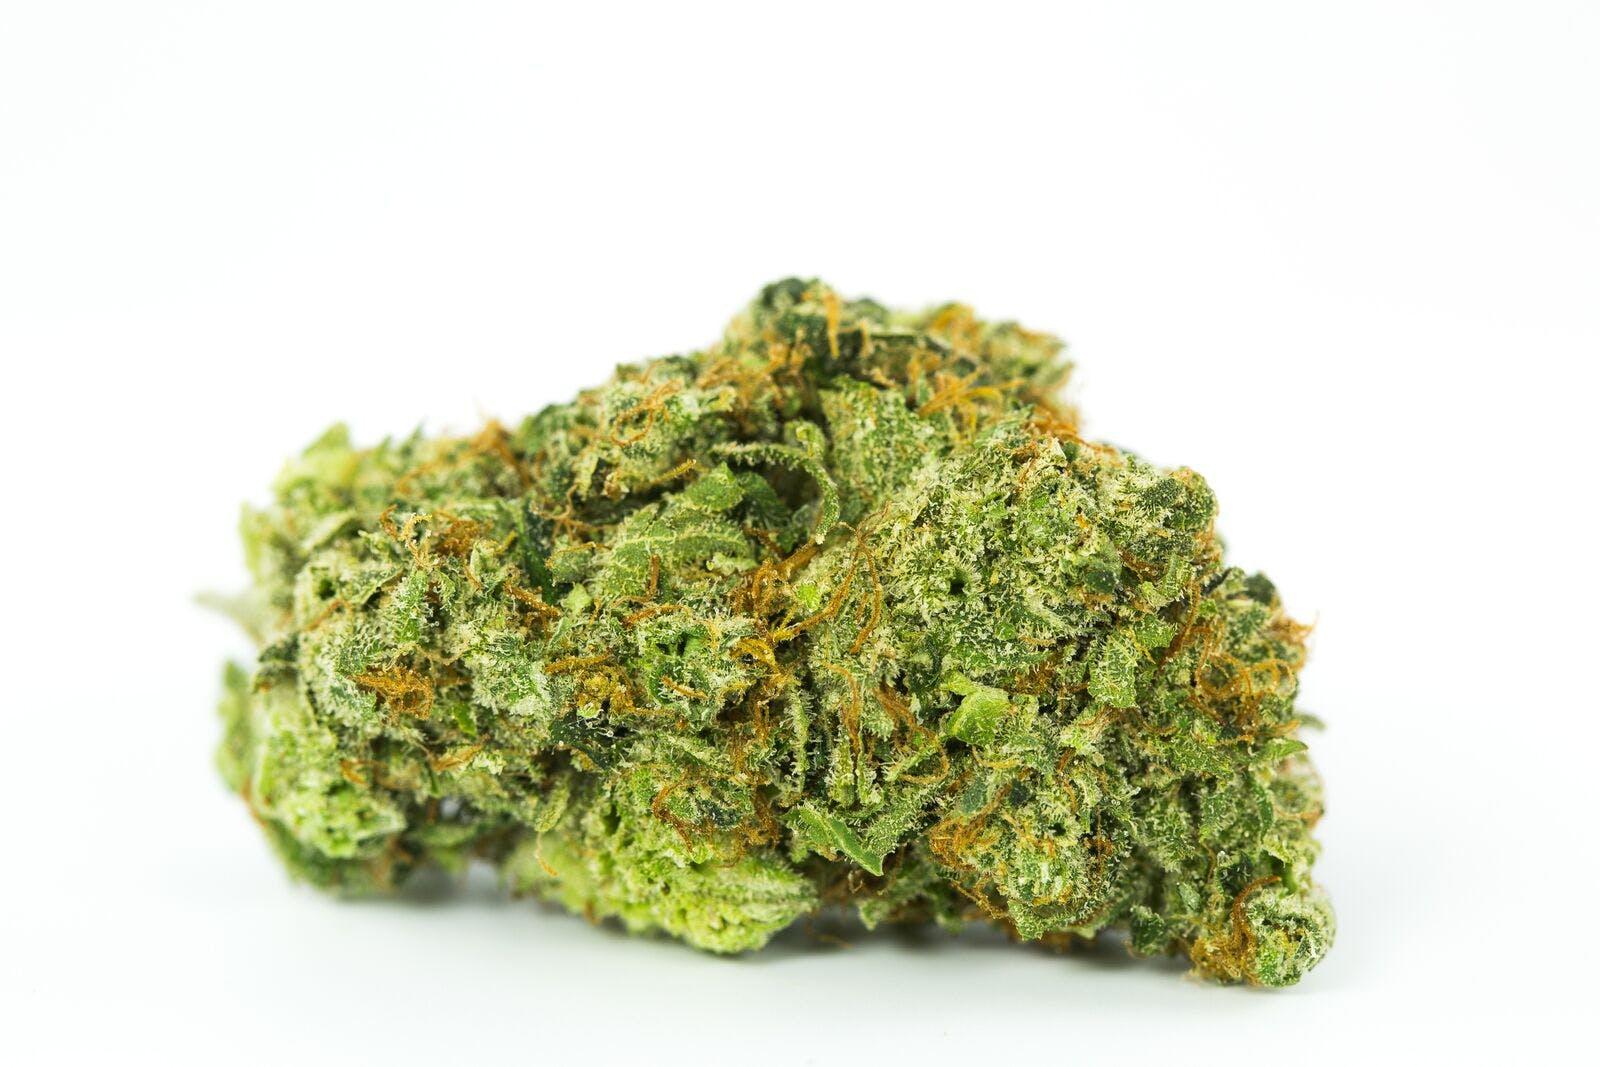 Sour Lemon OG Weed; Sour Lemon OG Cannabis Strain; Sour Lemon Hybrid Marijuana Strain